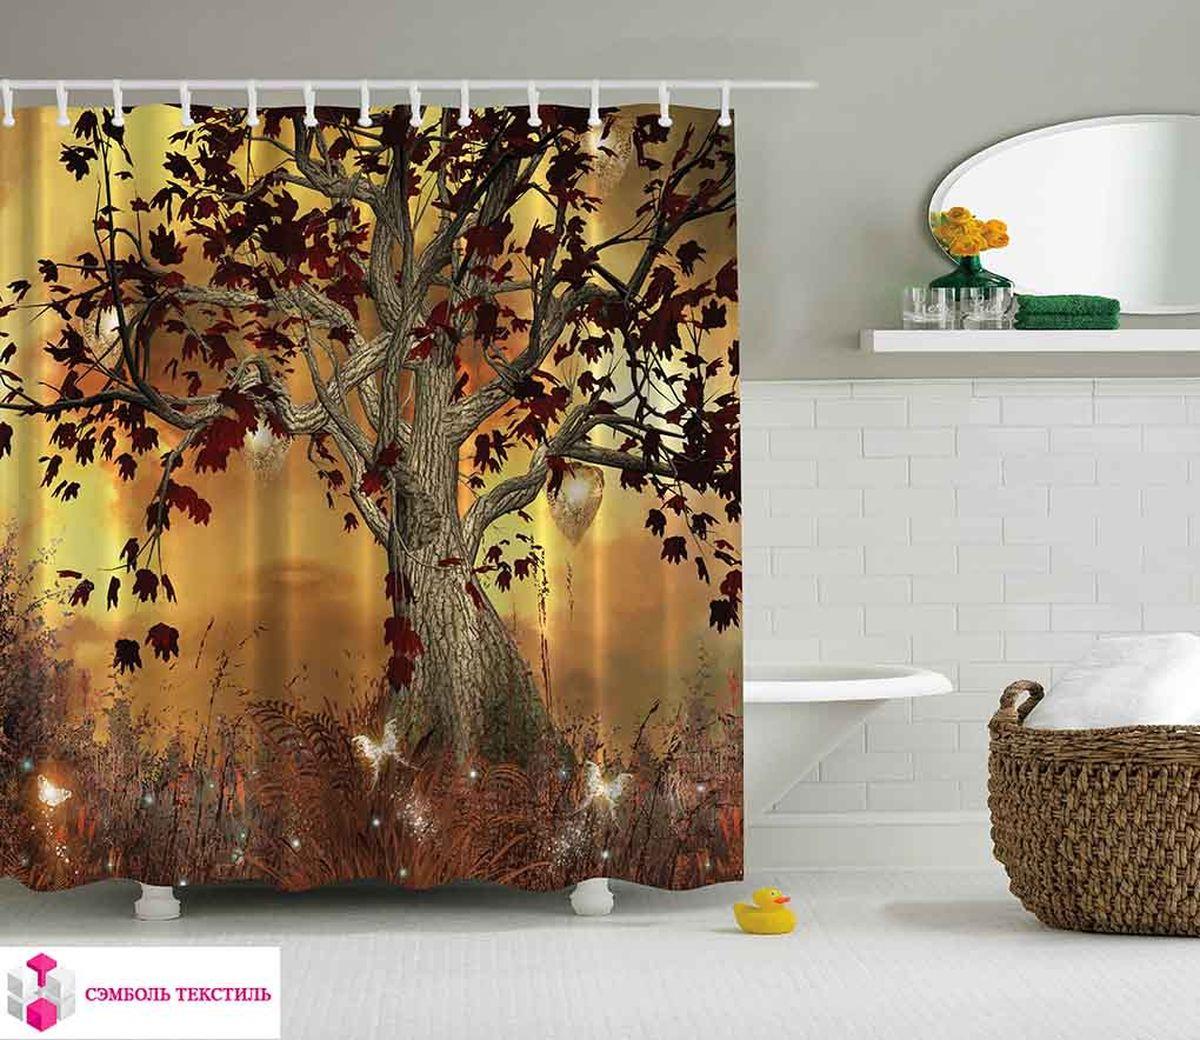 Штора для ванной комнаты Magic Lady Дерево в волшебном лесу, цвет: коричневый, оранжевый, 180 х 200 см штора для ванной комнаты magic lady дерево в волшебном лесу цвет коричневый оранжевый 180 х 200 см href page 1